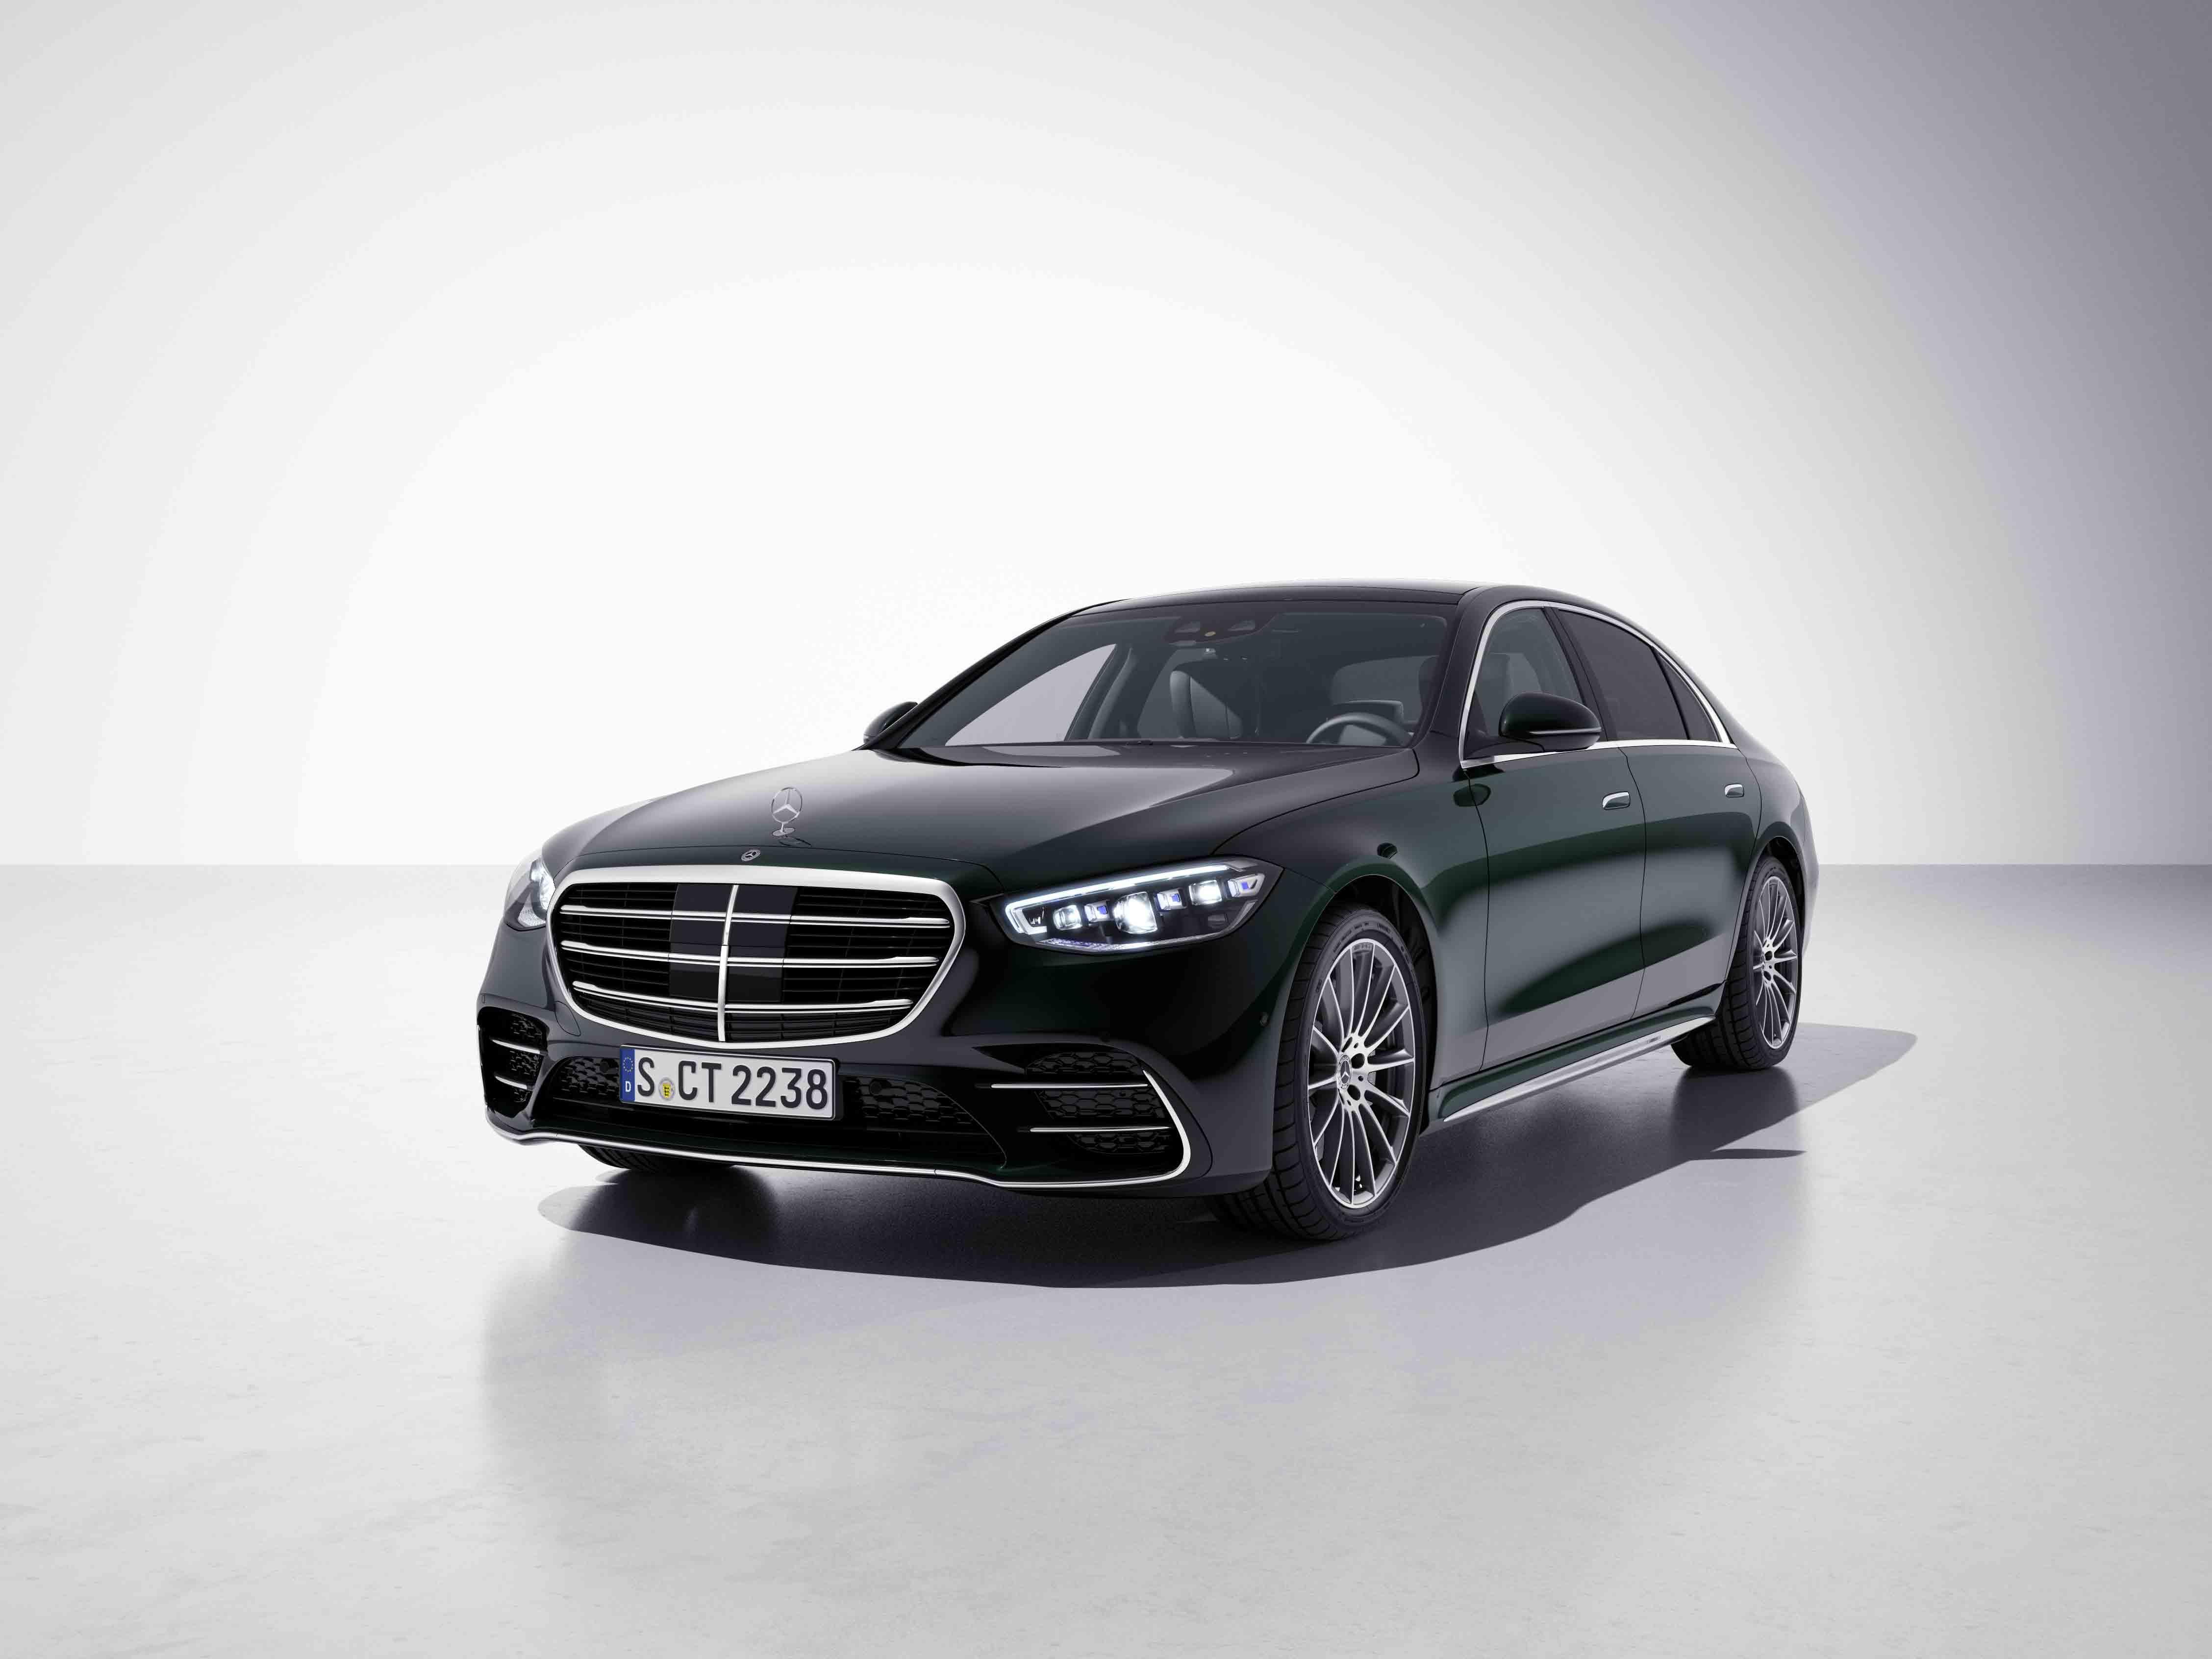 Vue de trois quarts de profil de la Mercedes-Benz Classe S Limousine avec la peinture Métallisé Vert Emeraude